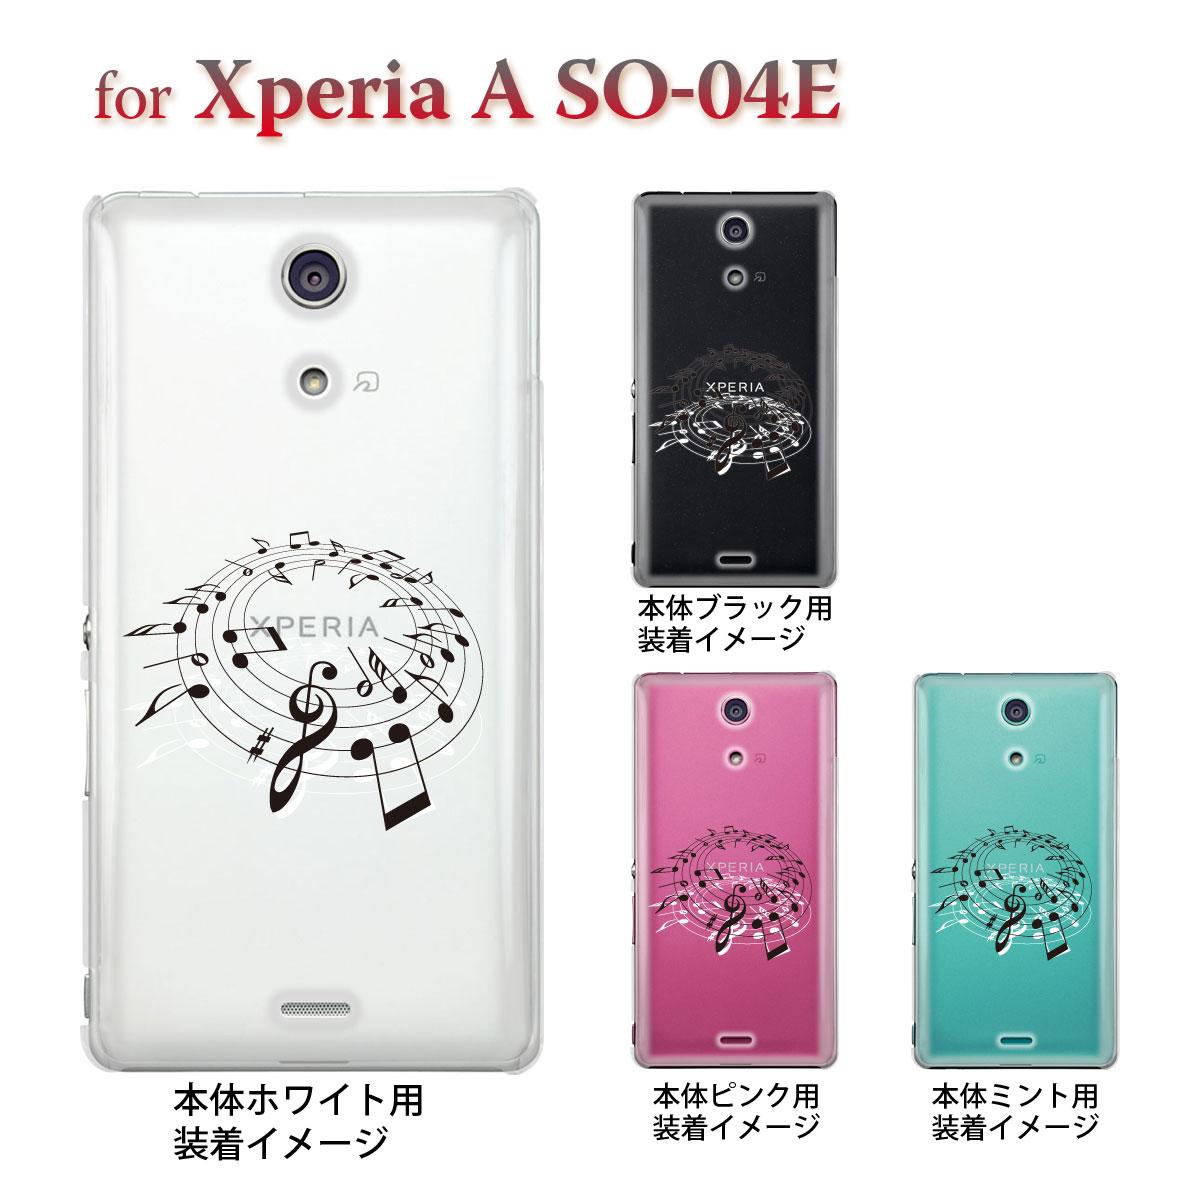 スマートフォン・携帯電話用アクセサリー, ケース・カバー Xperia A SO-04Edocomo 09-so04e-mu0004